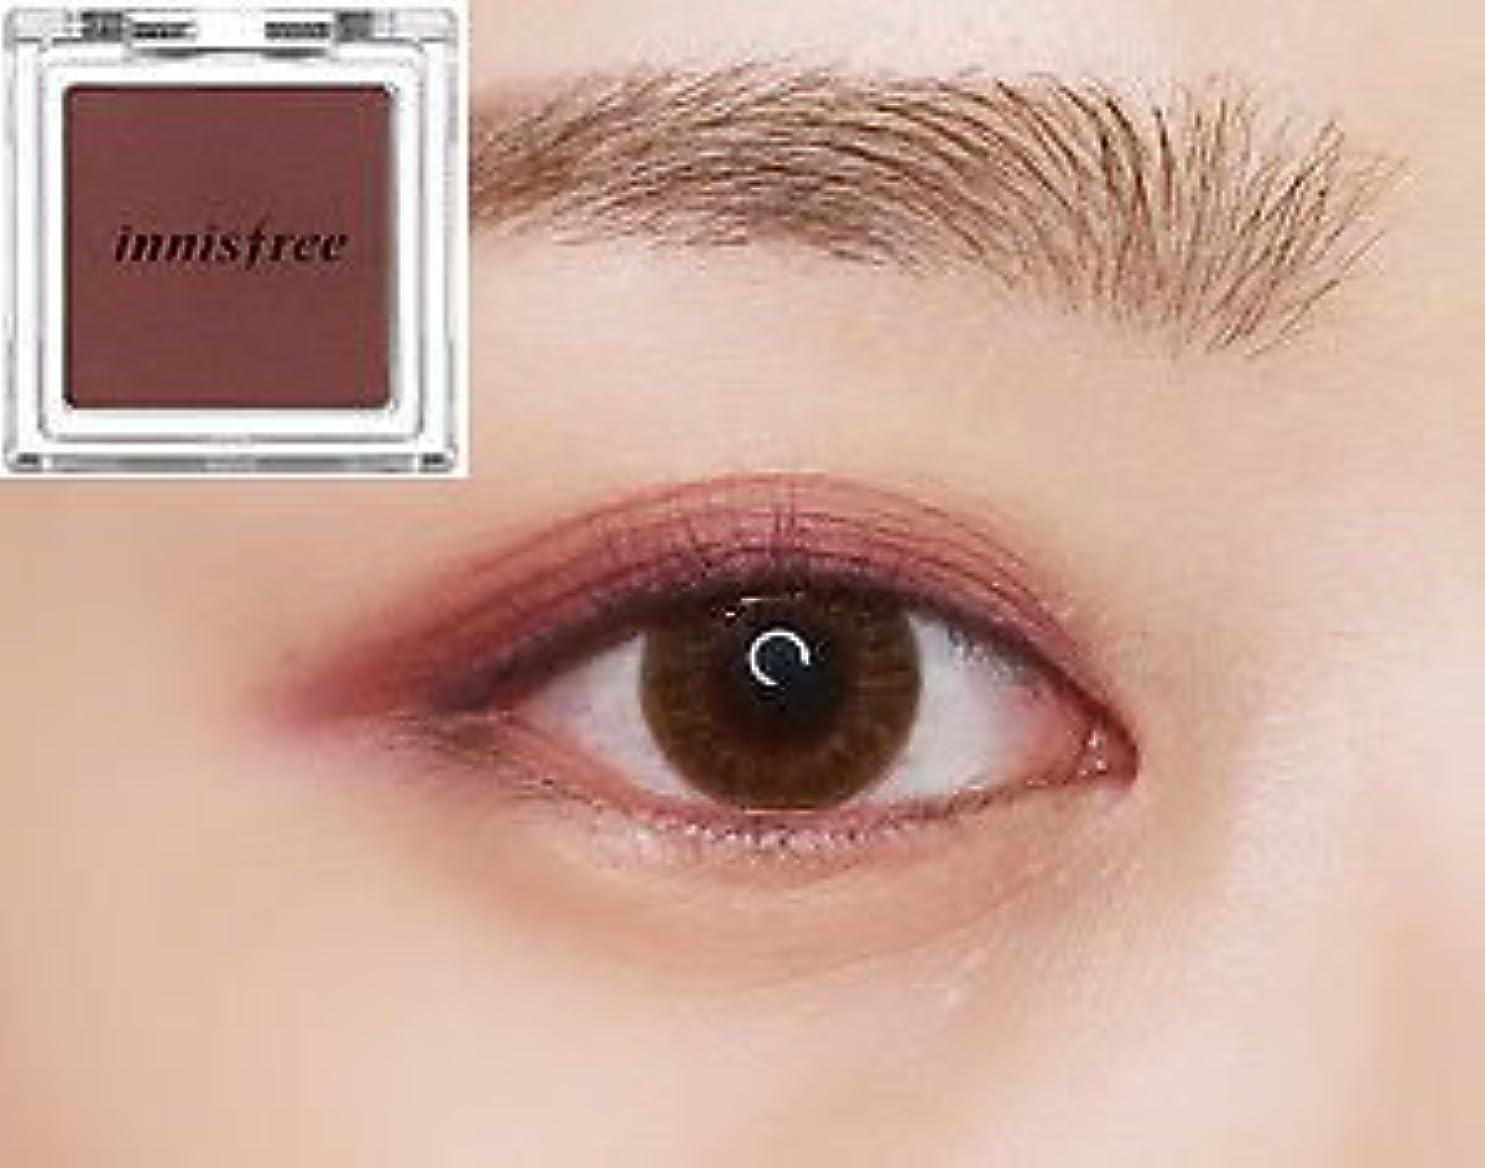 野心的ダイバー内訳[イニスフリー] innisfree [マイ パレット マイ アイシャドウ (マット) 40カラー] MY PALETTE My Eyeshadow (Matte) 40 Shades [海外直送品] (マット #30)